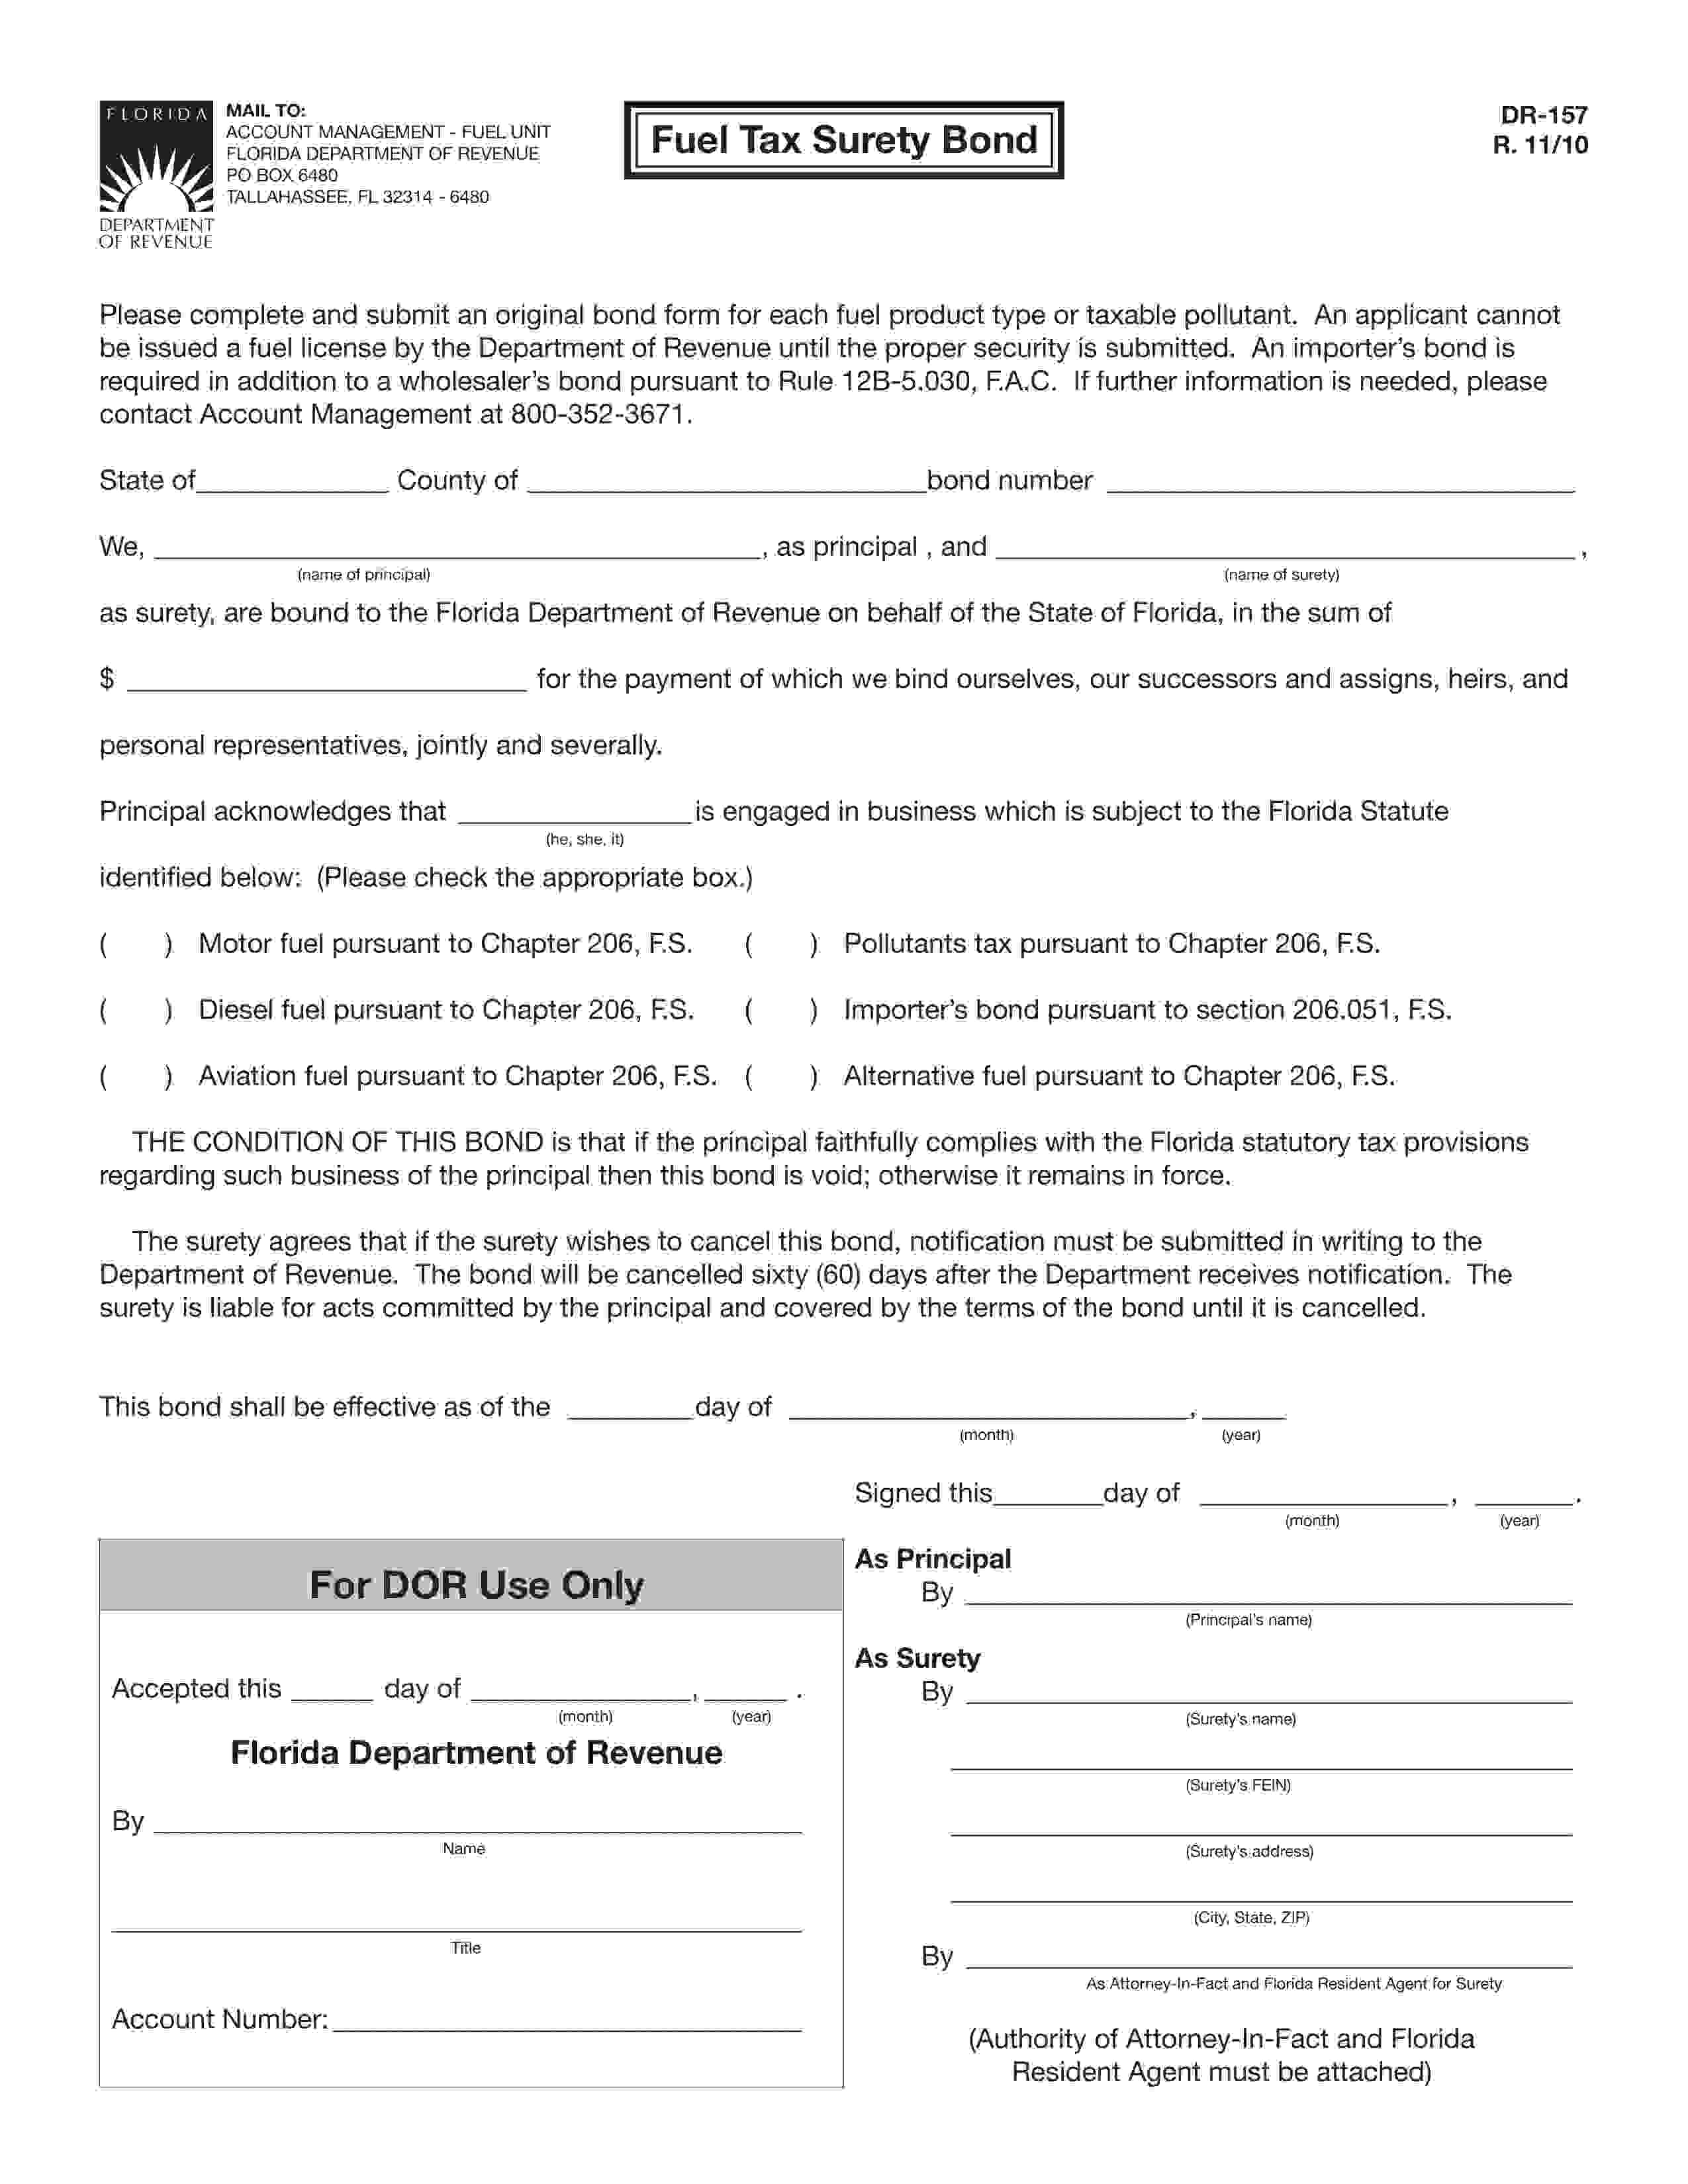 Florida Department Of Revenue, Fuel Unit Fuel Tax: Pollutants Tax Bond sample image